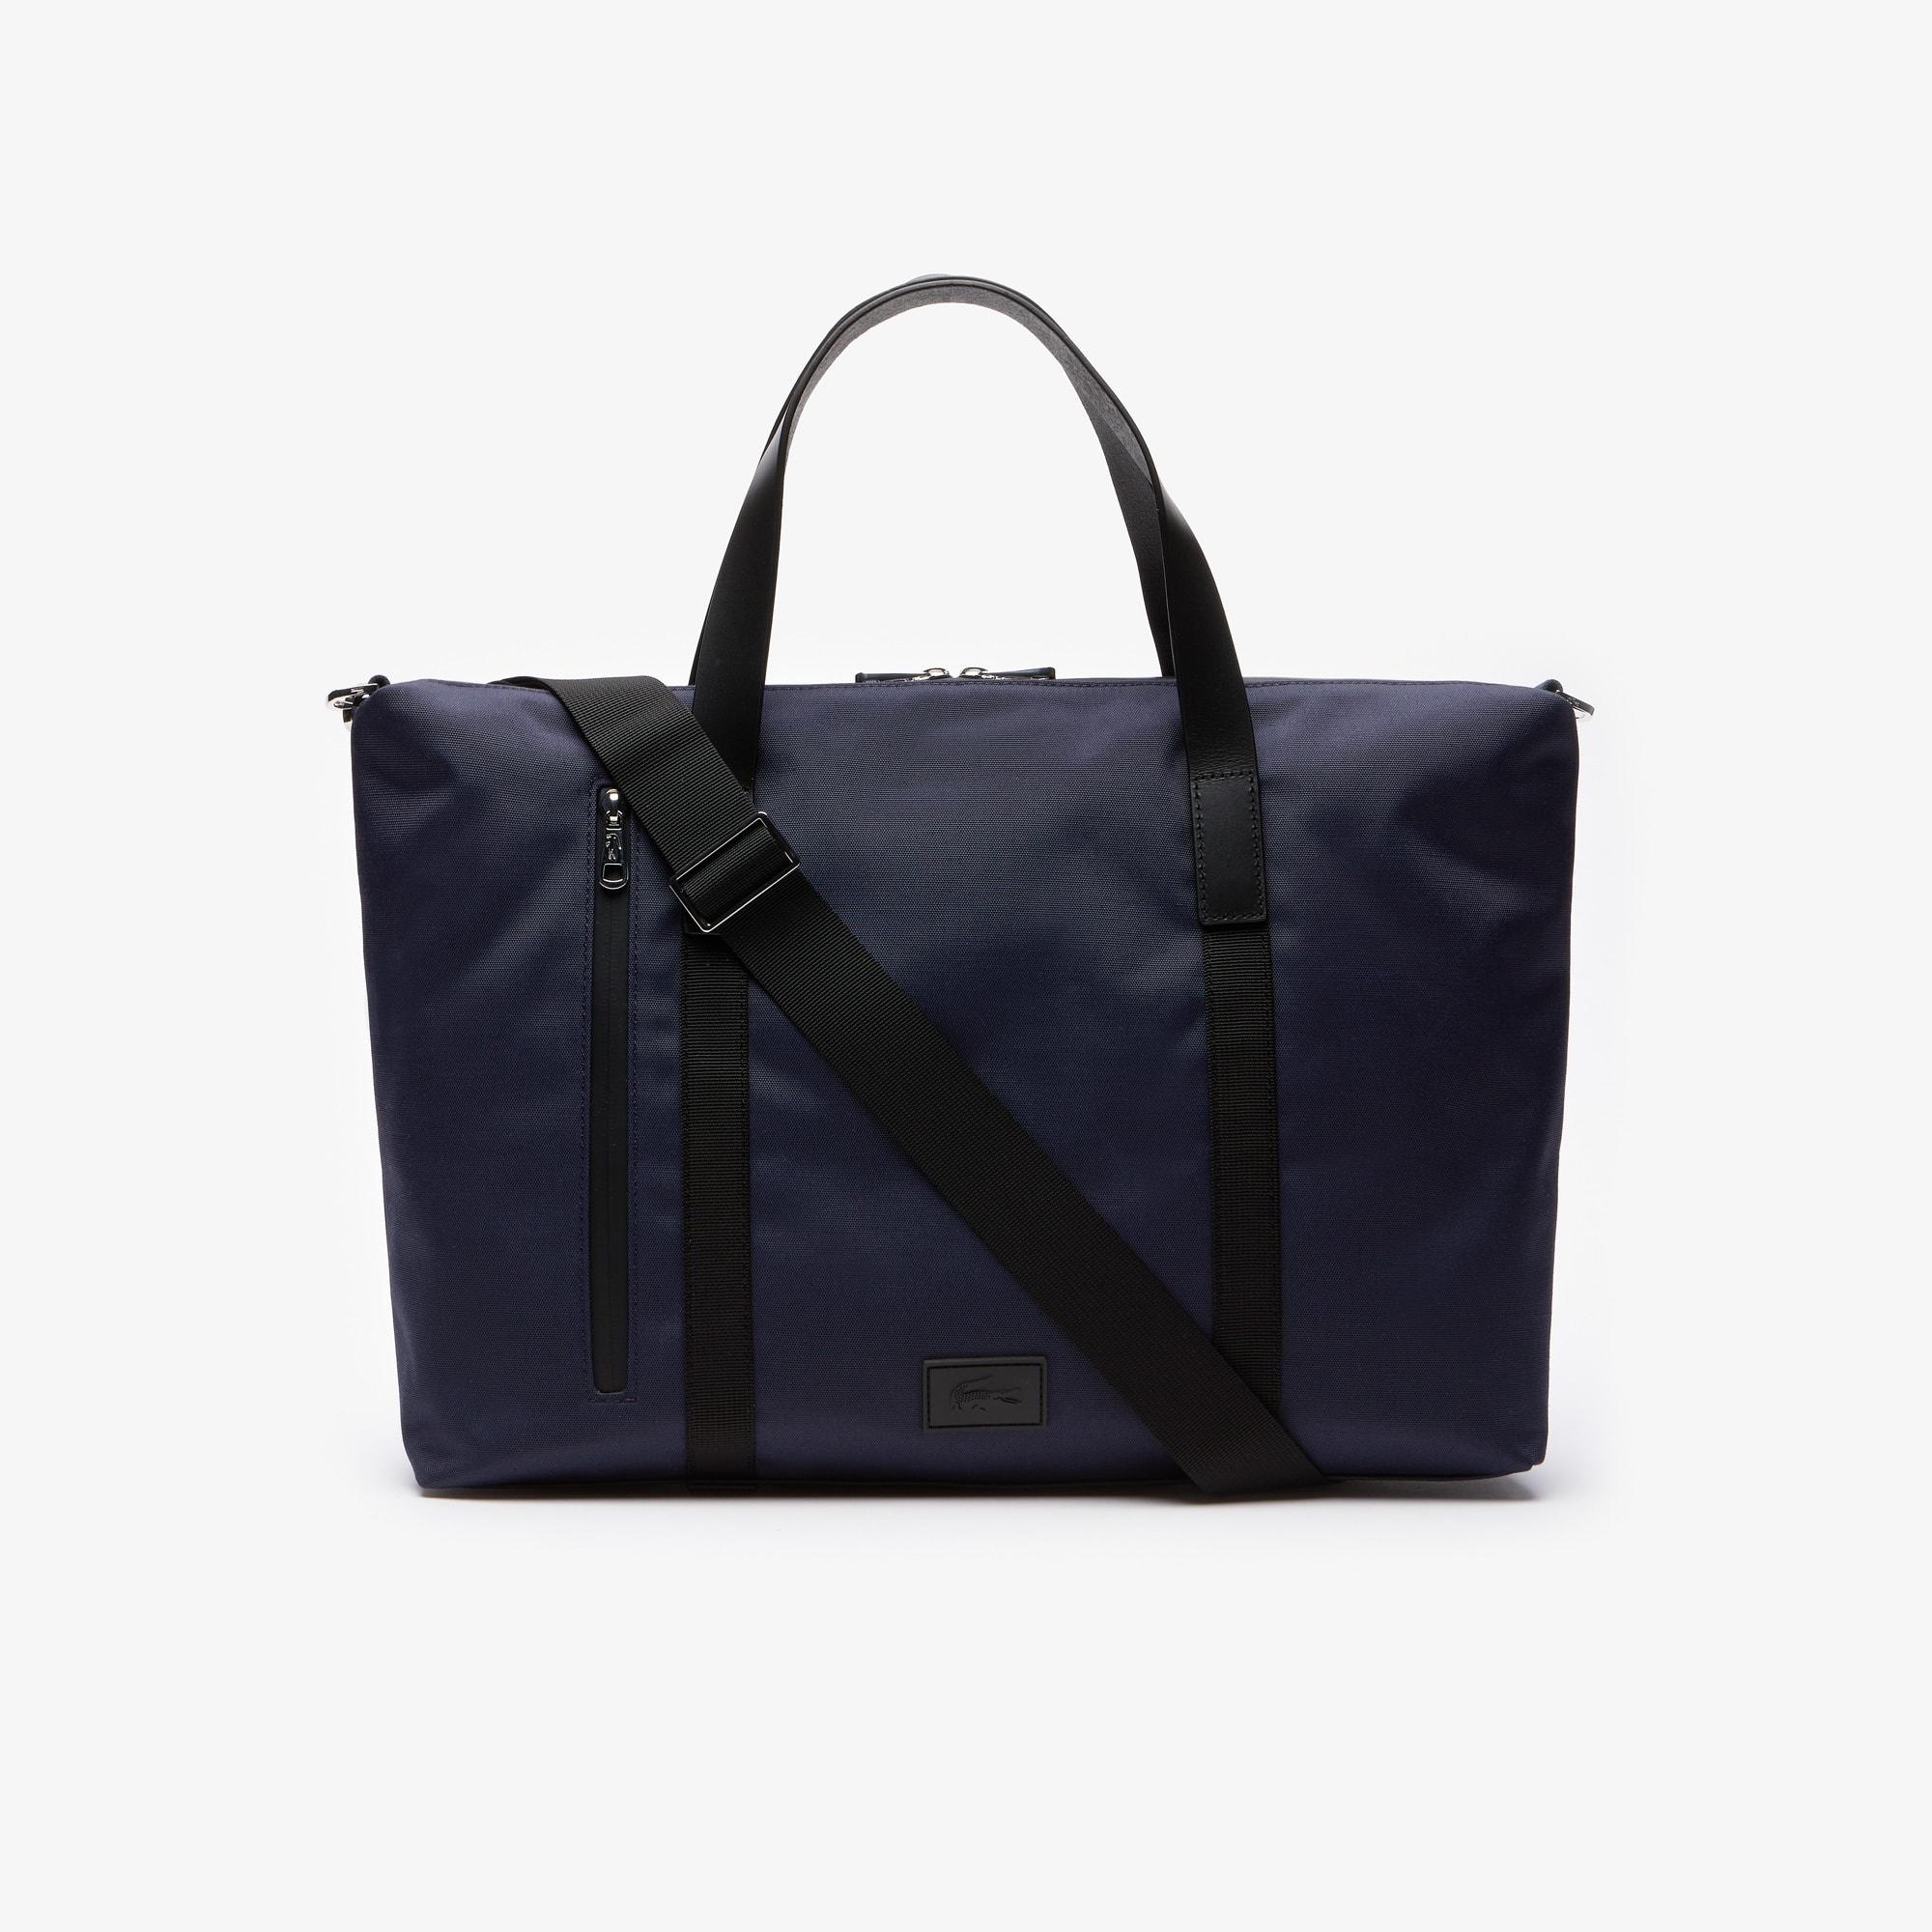 라코스테 말로 컴퓨터 백 Lacoste Mens Malo Leather Accent Computer Bag,BLACK IRIS BLACK